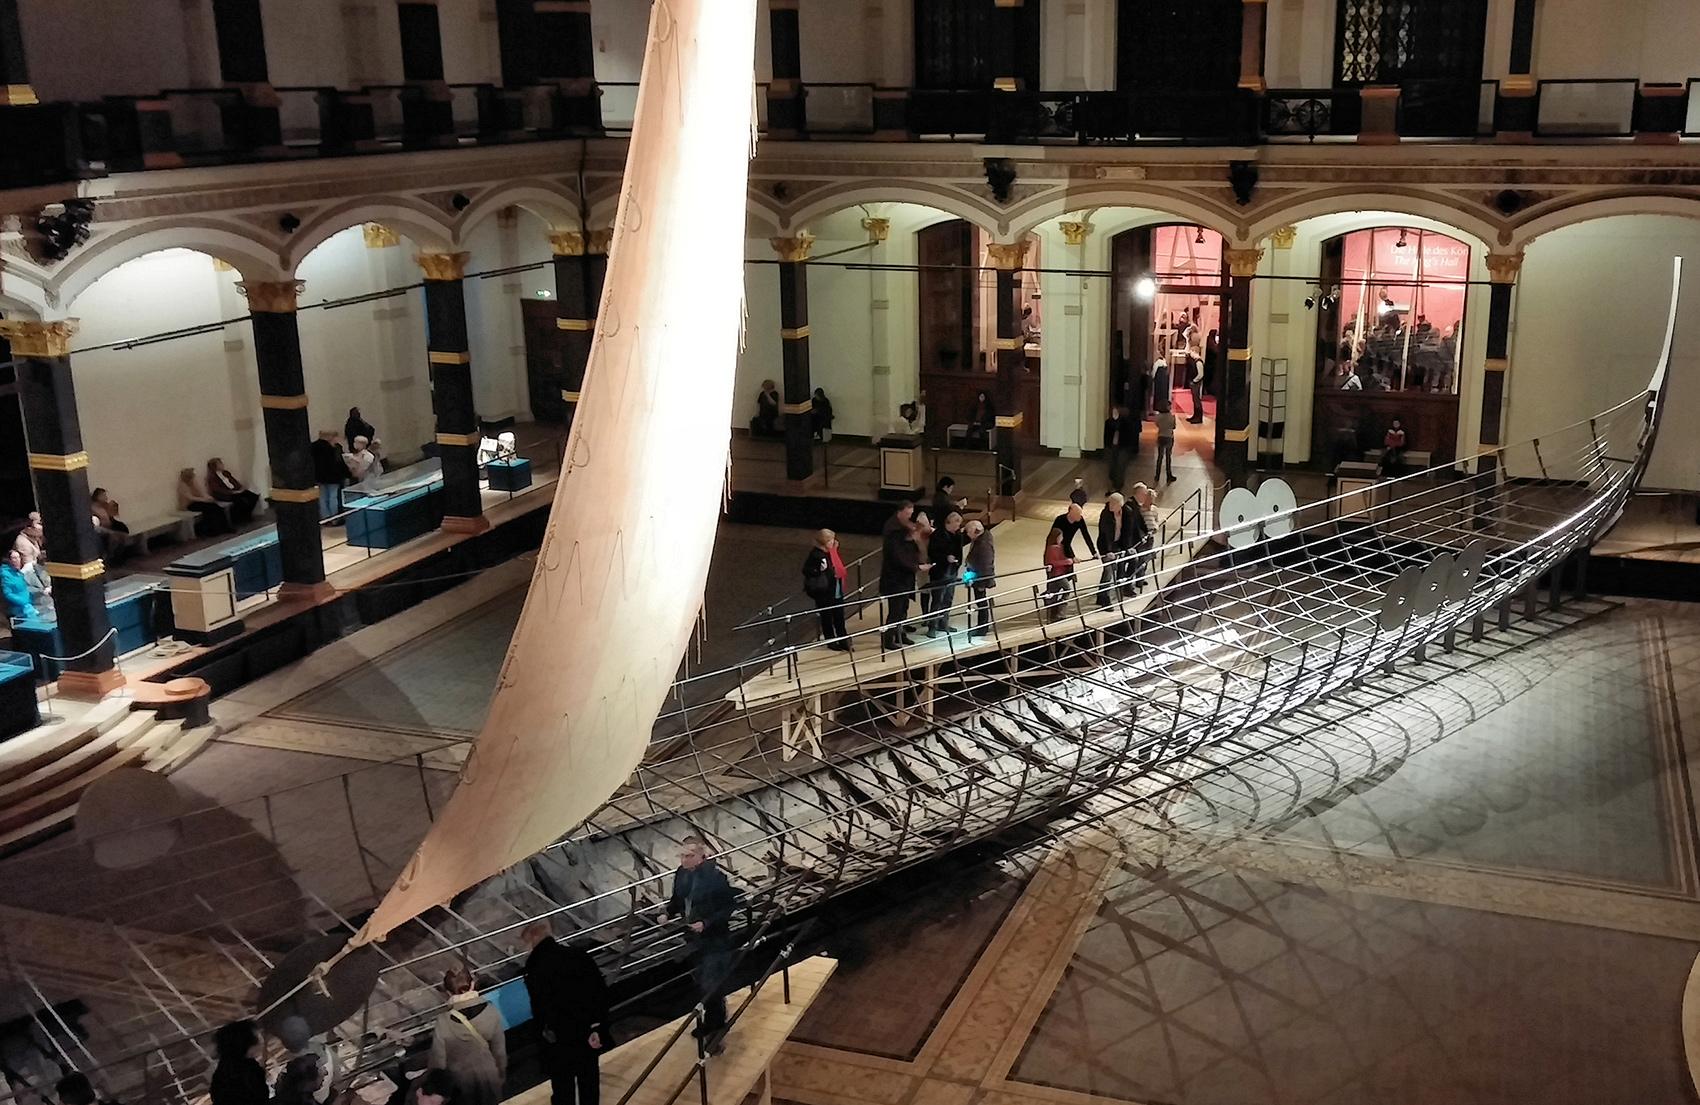 Каркас Роскильде-6 (драккар викингов) в берлинском музее